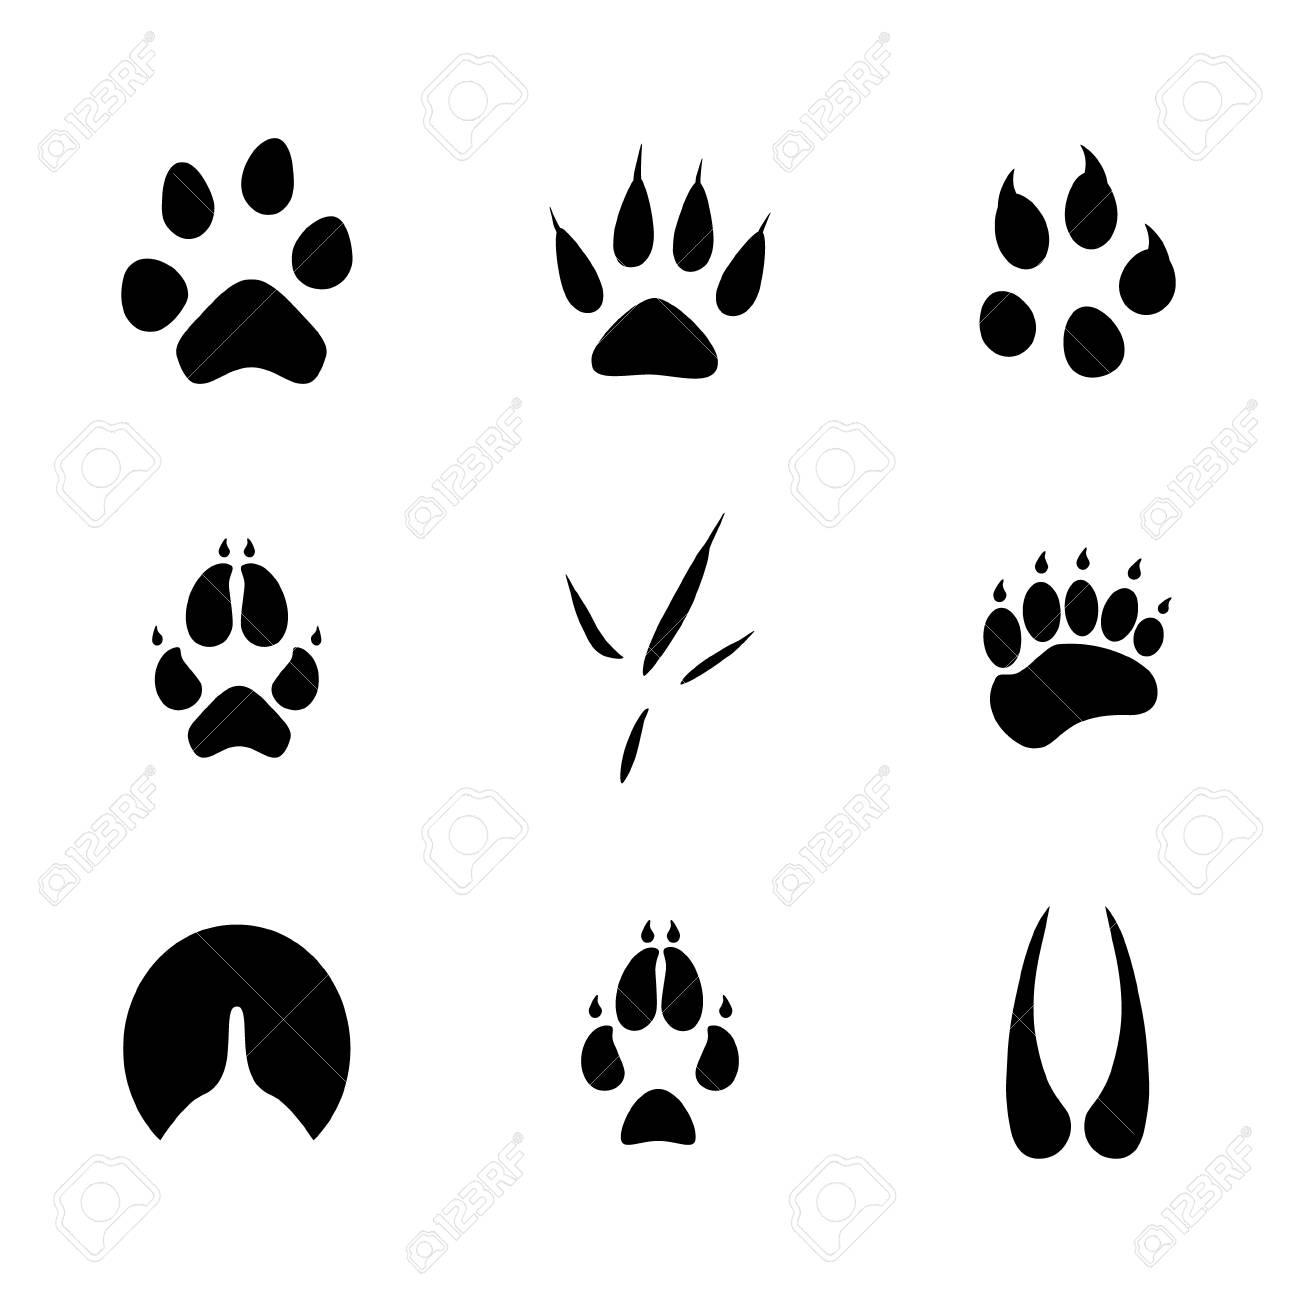 ラスター イラスト動物や鳥の足跡のアイコン セット。足を踏み入れた野生